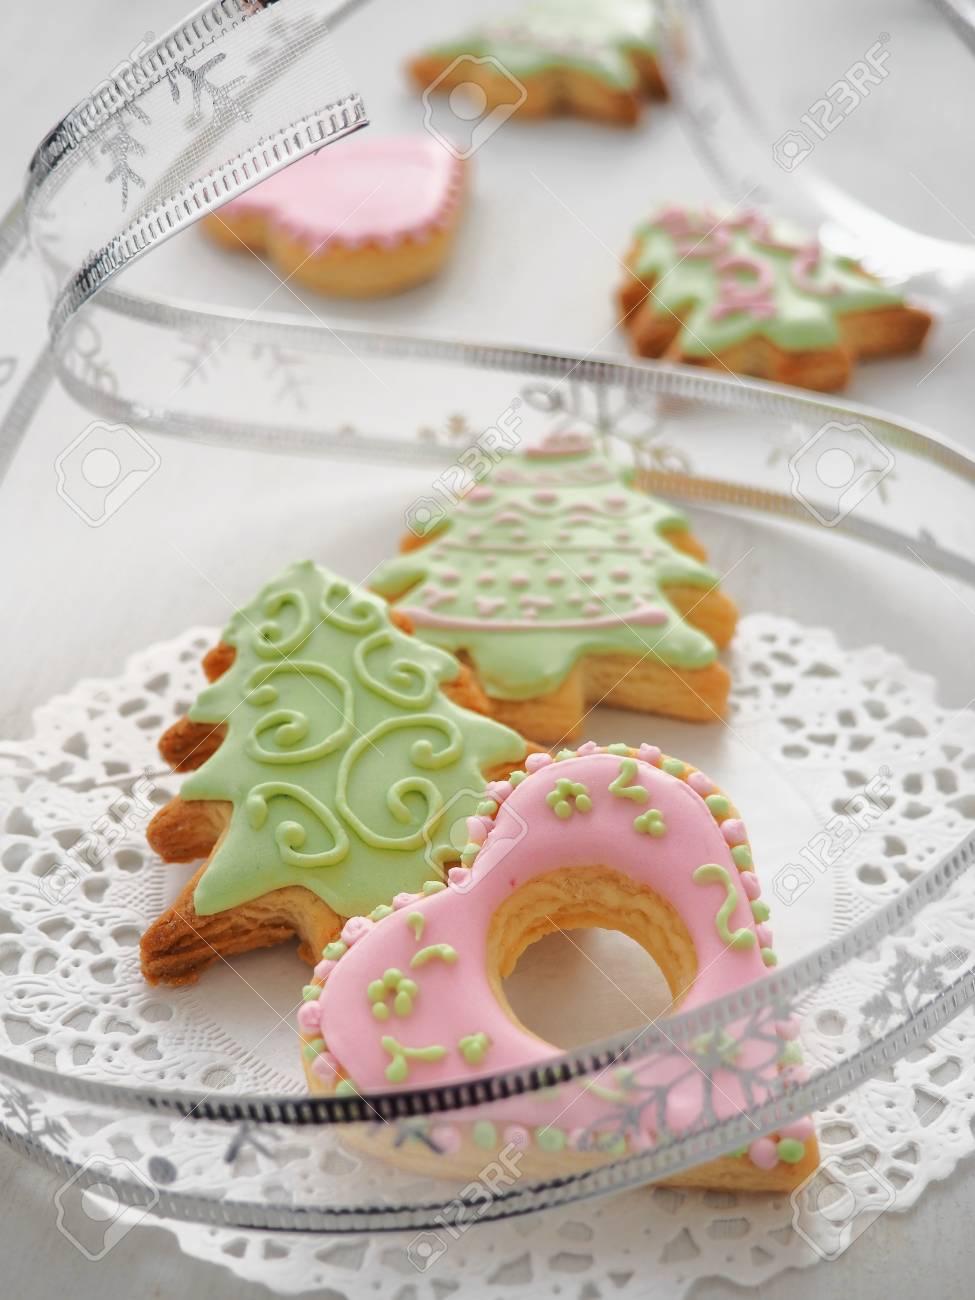 Homemade Christmas Sugar Cookies Glazed With Royal Icing Christmas